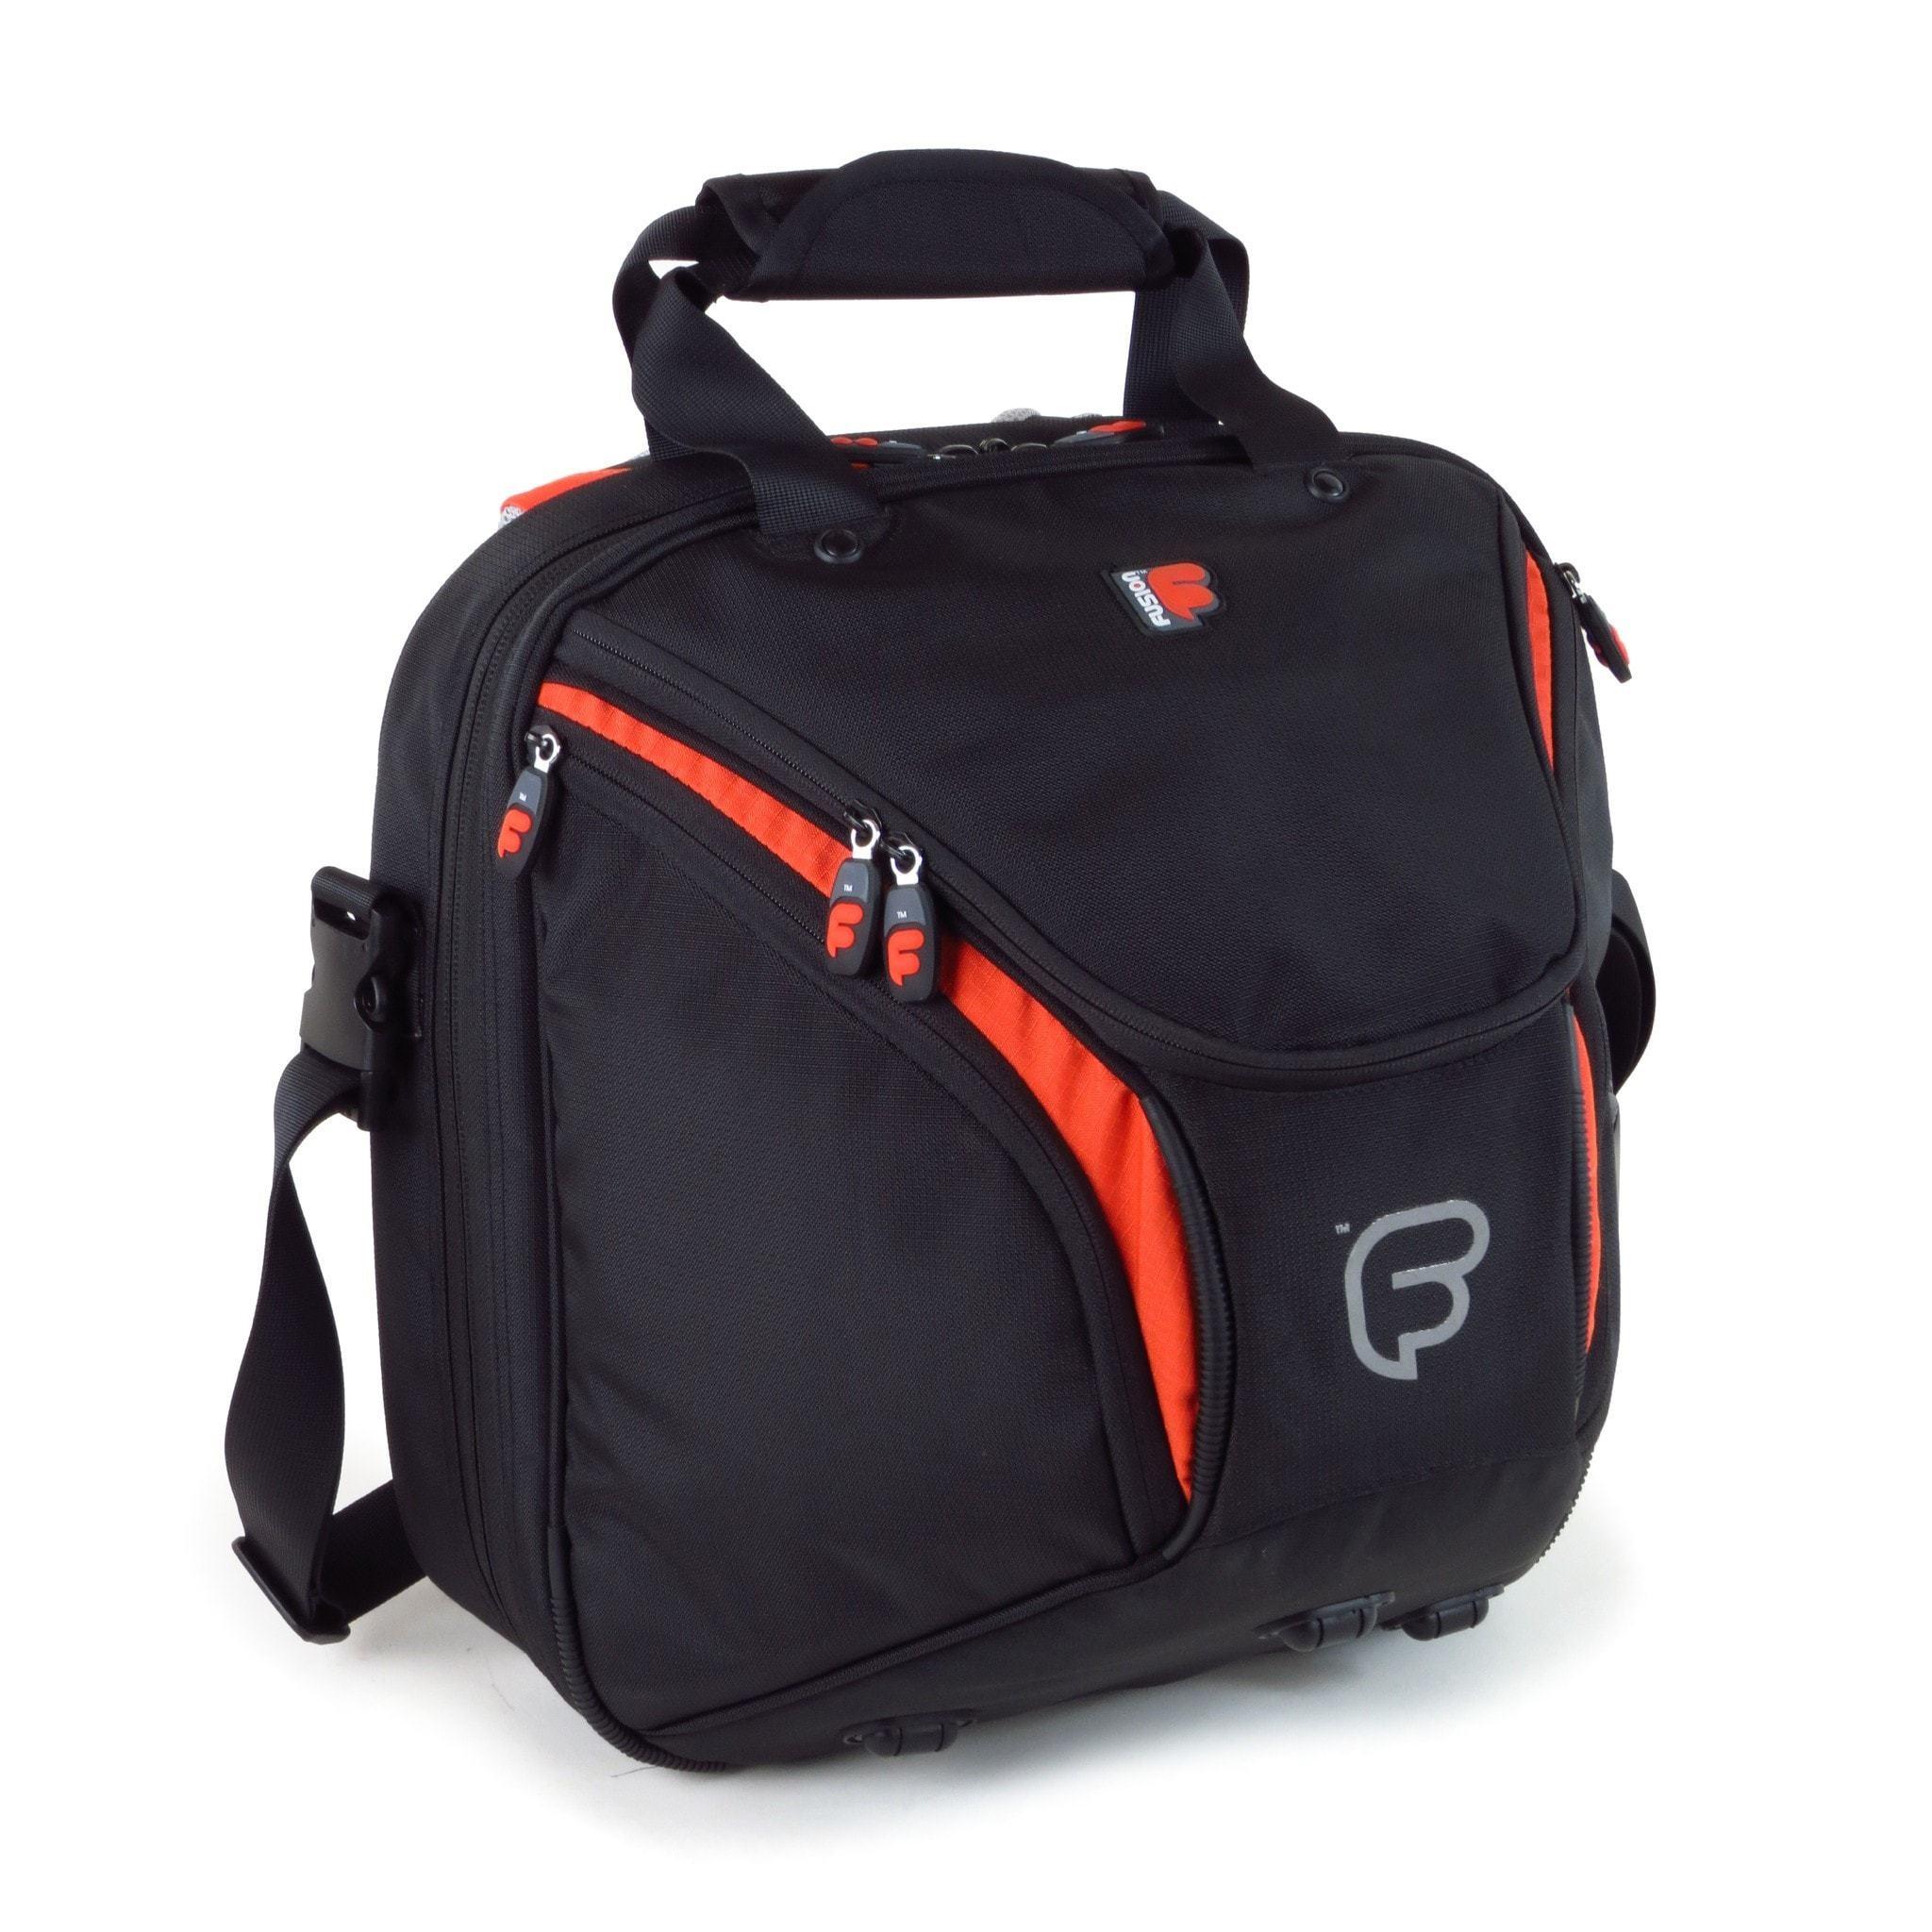 Fusion Premium - D Black/Orange